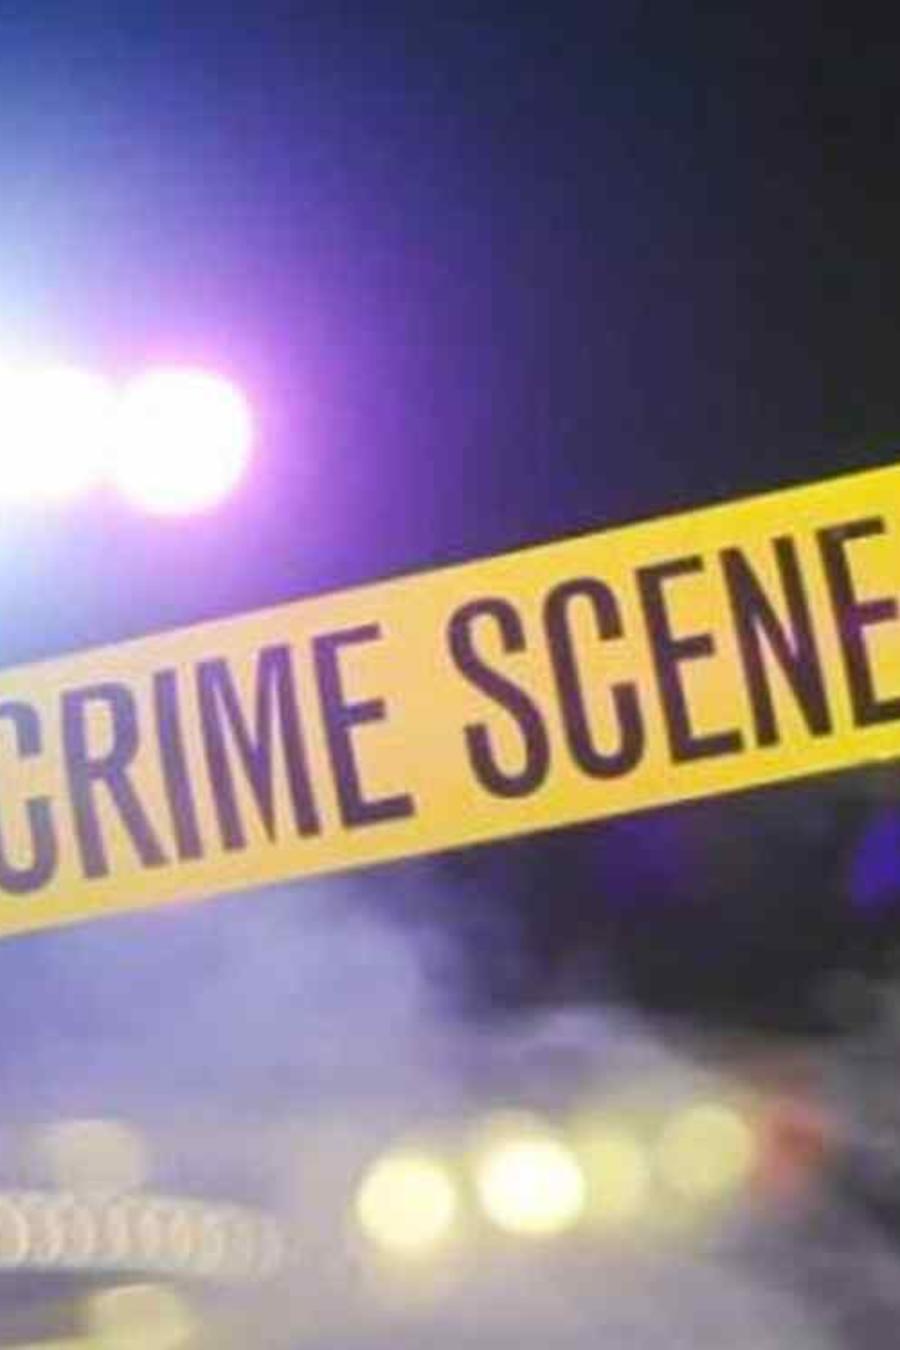 Un cordon policial en una escena del crimen (imagen de archivo).